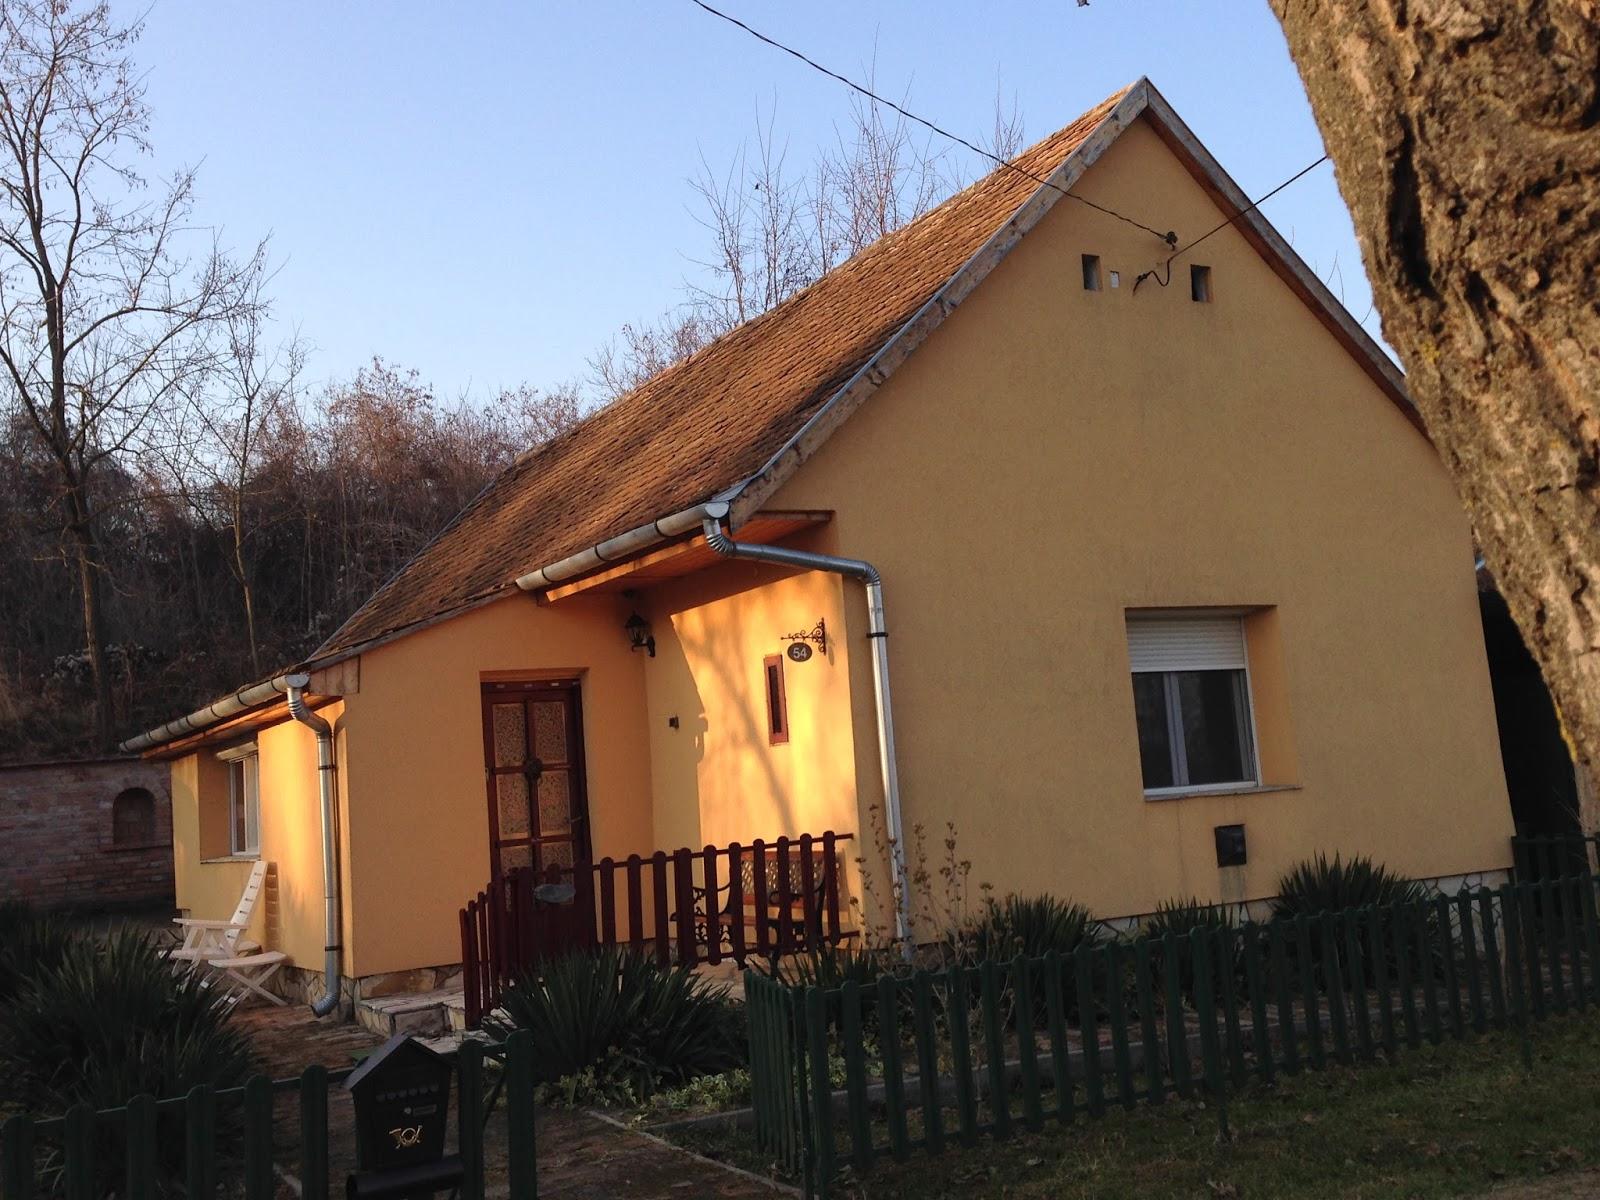 Hongaars vakantiehuisje